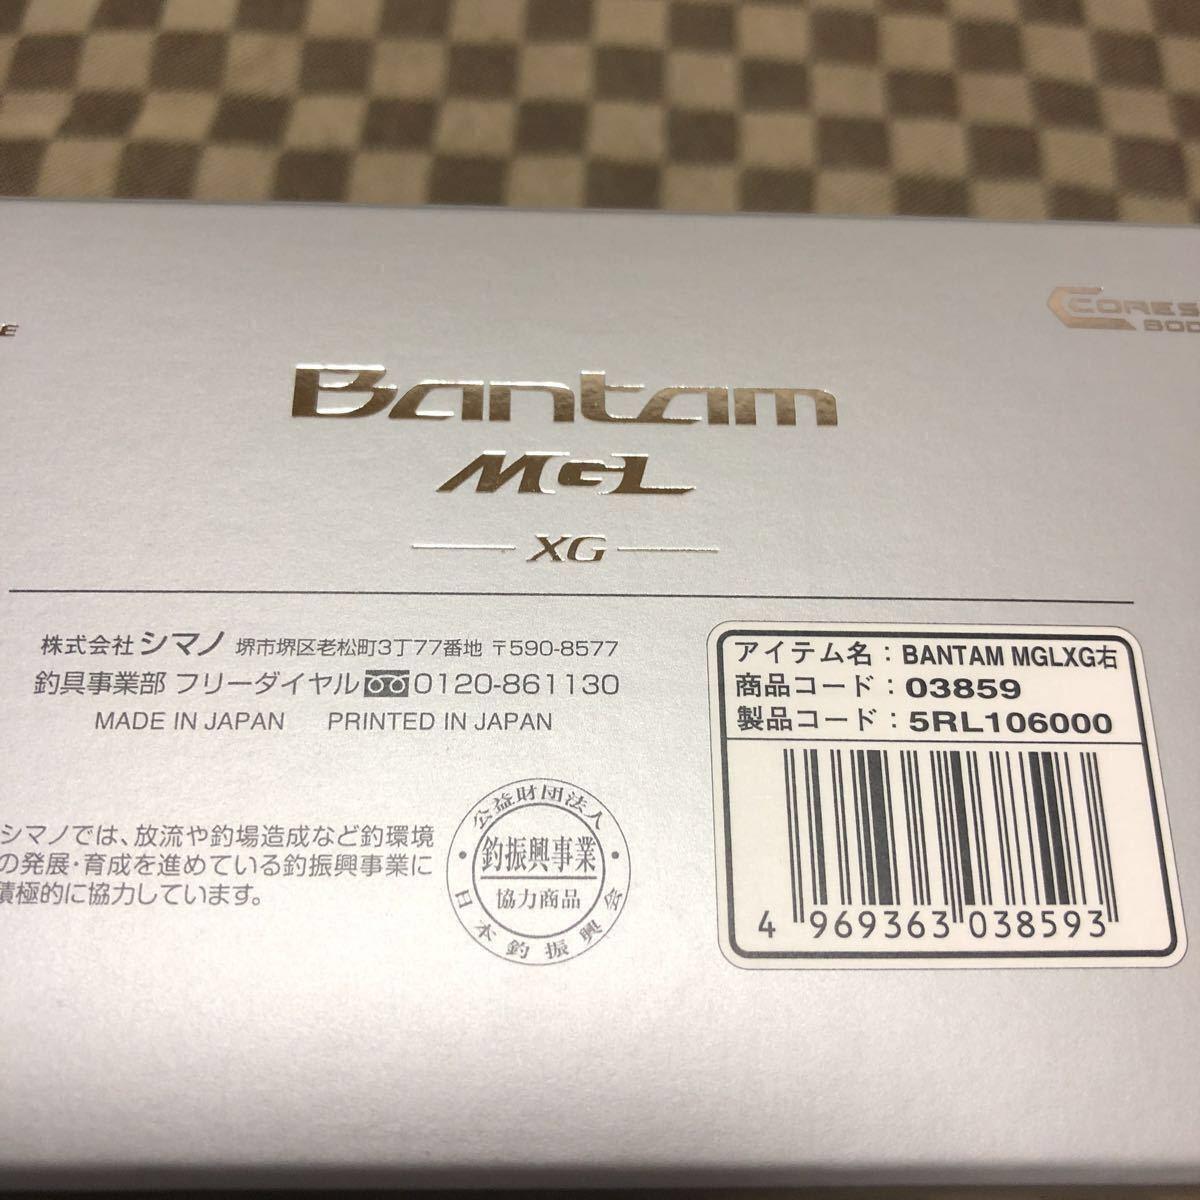 【シマノ】バンタムBantam MGL XG右【Bantam】★新品★限定お買得品!!_画像7